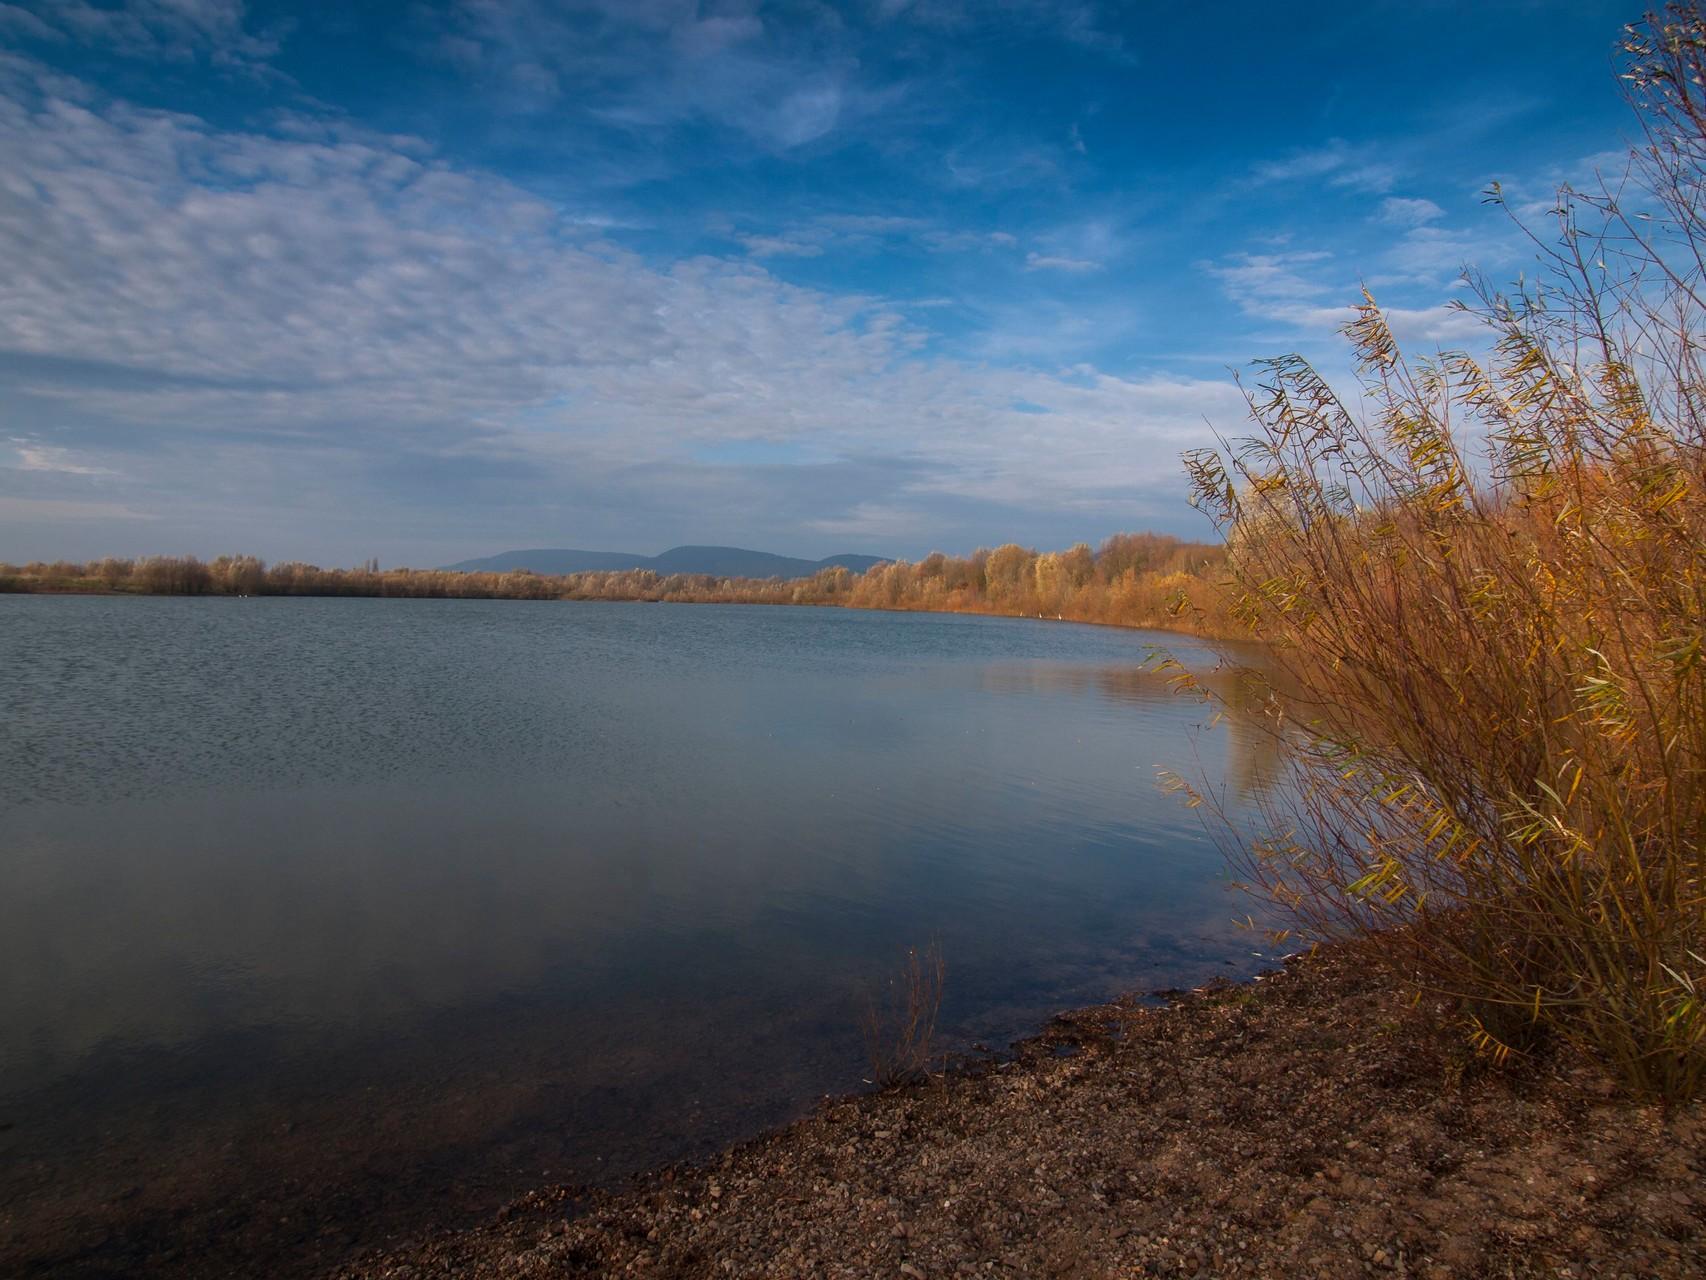 Die Uferbereiche im Herbst. - Foto: Kathy Büscher